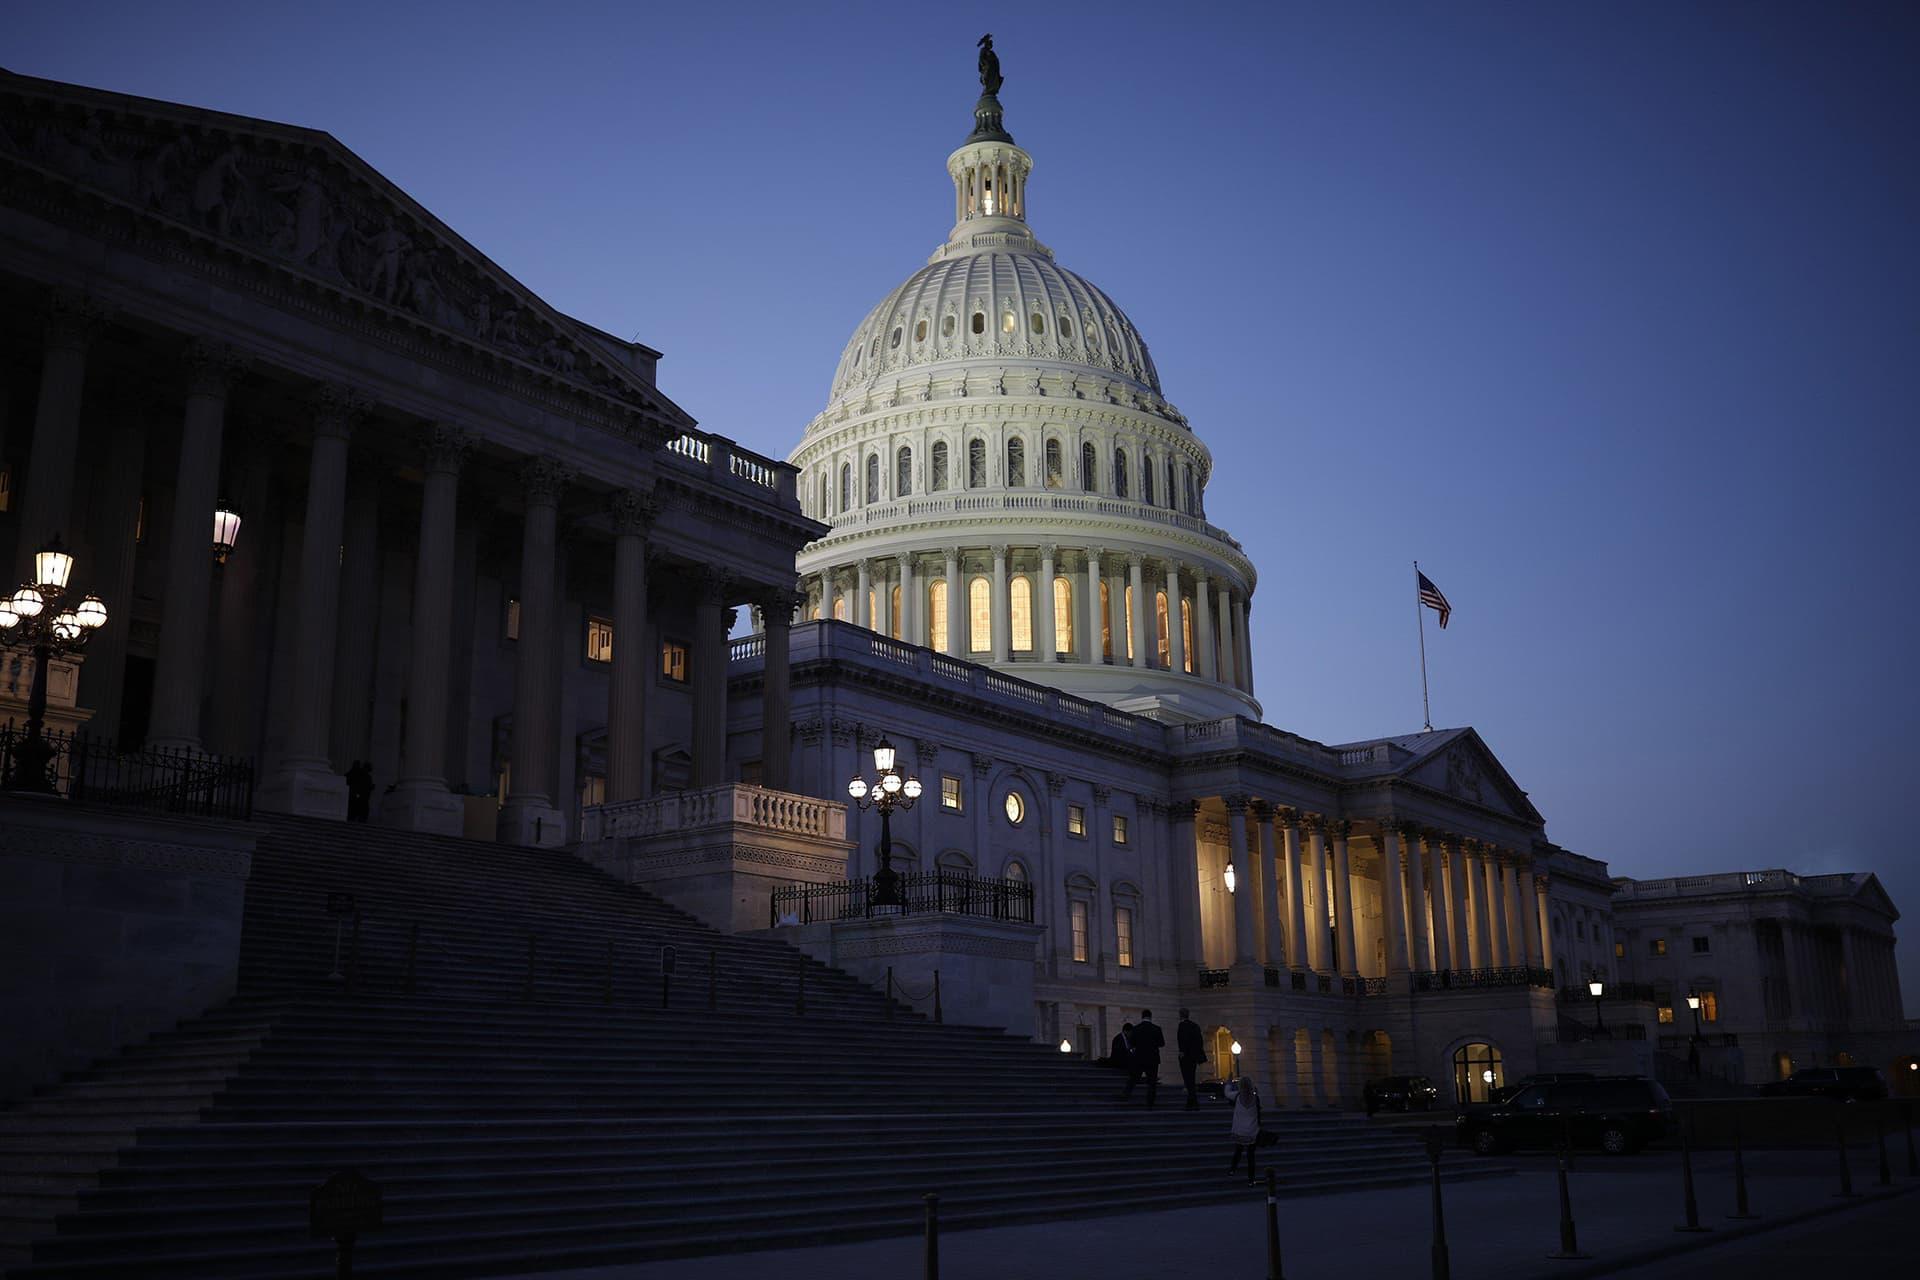 Capitol-kukkula.